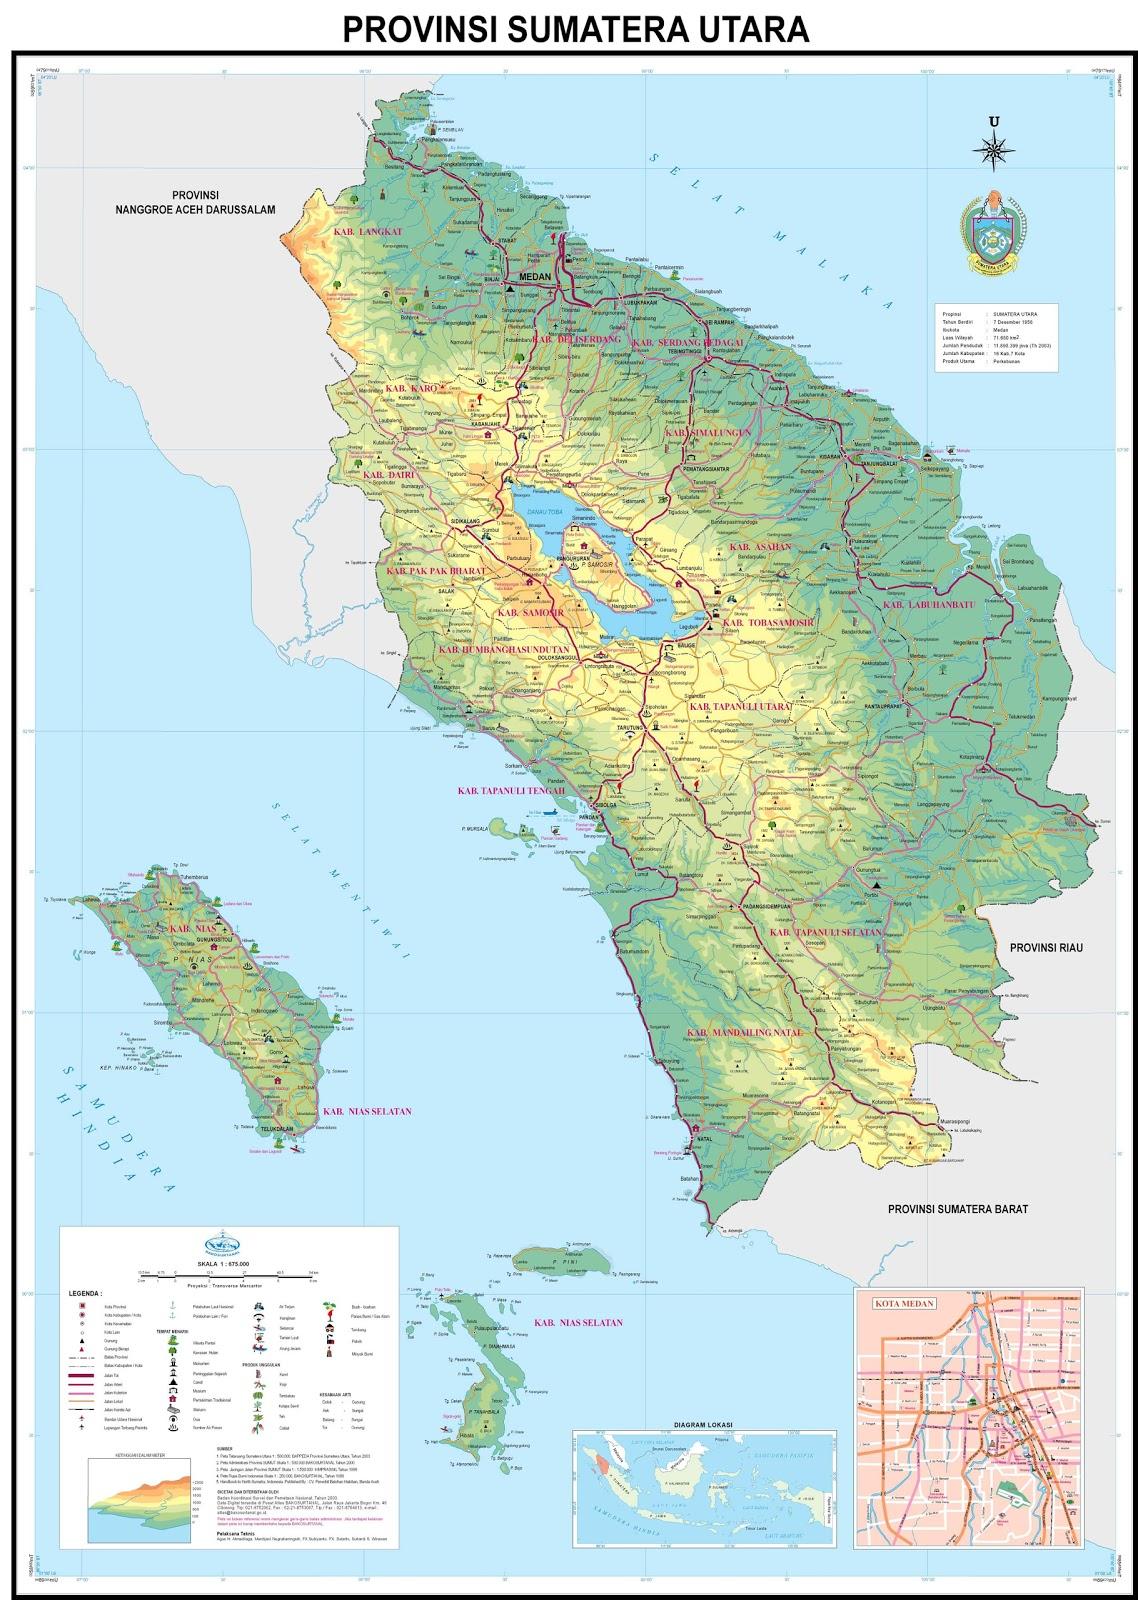 Rumah Adat Jawa Timur Related Keywords - Rumah Adat Jawa ...